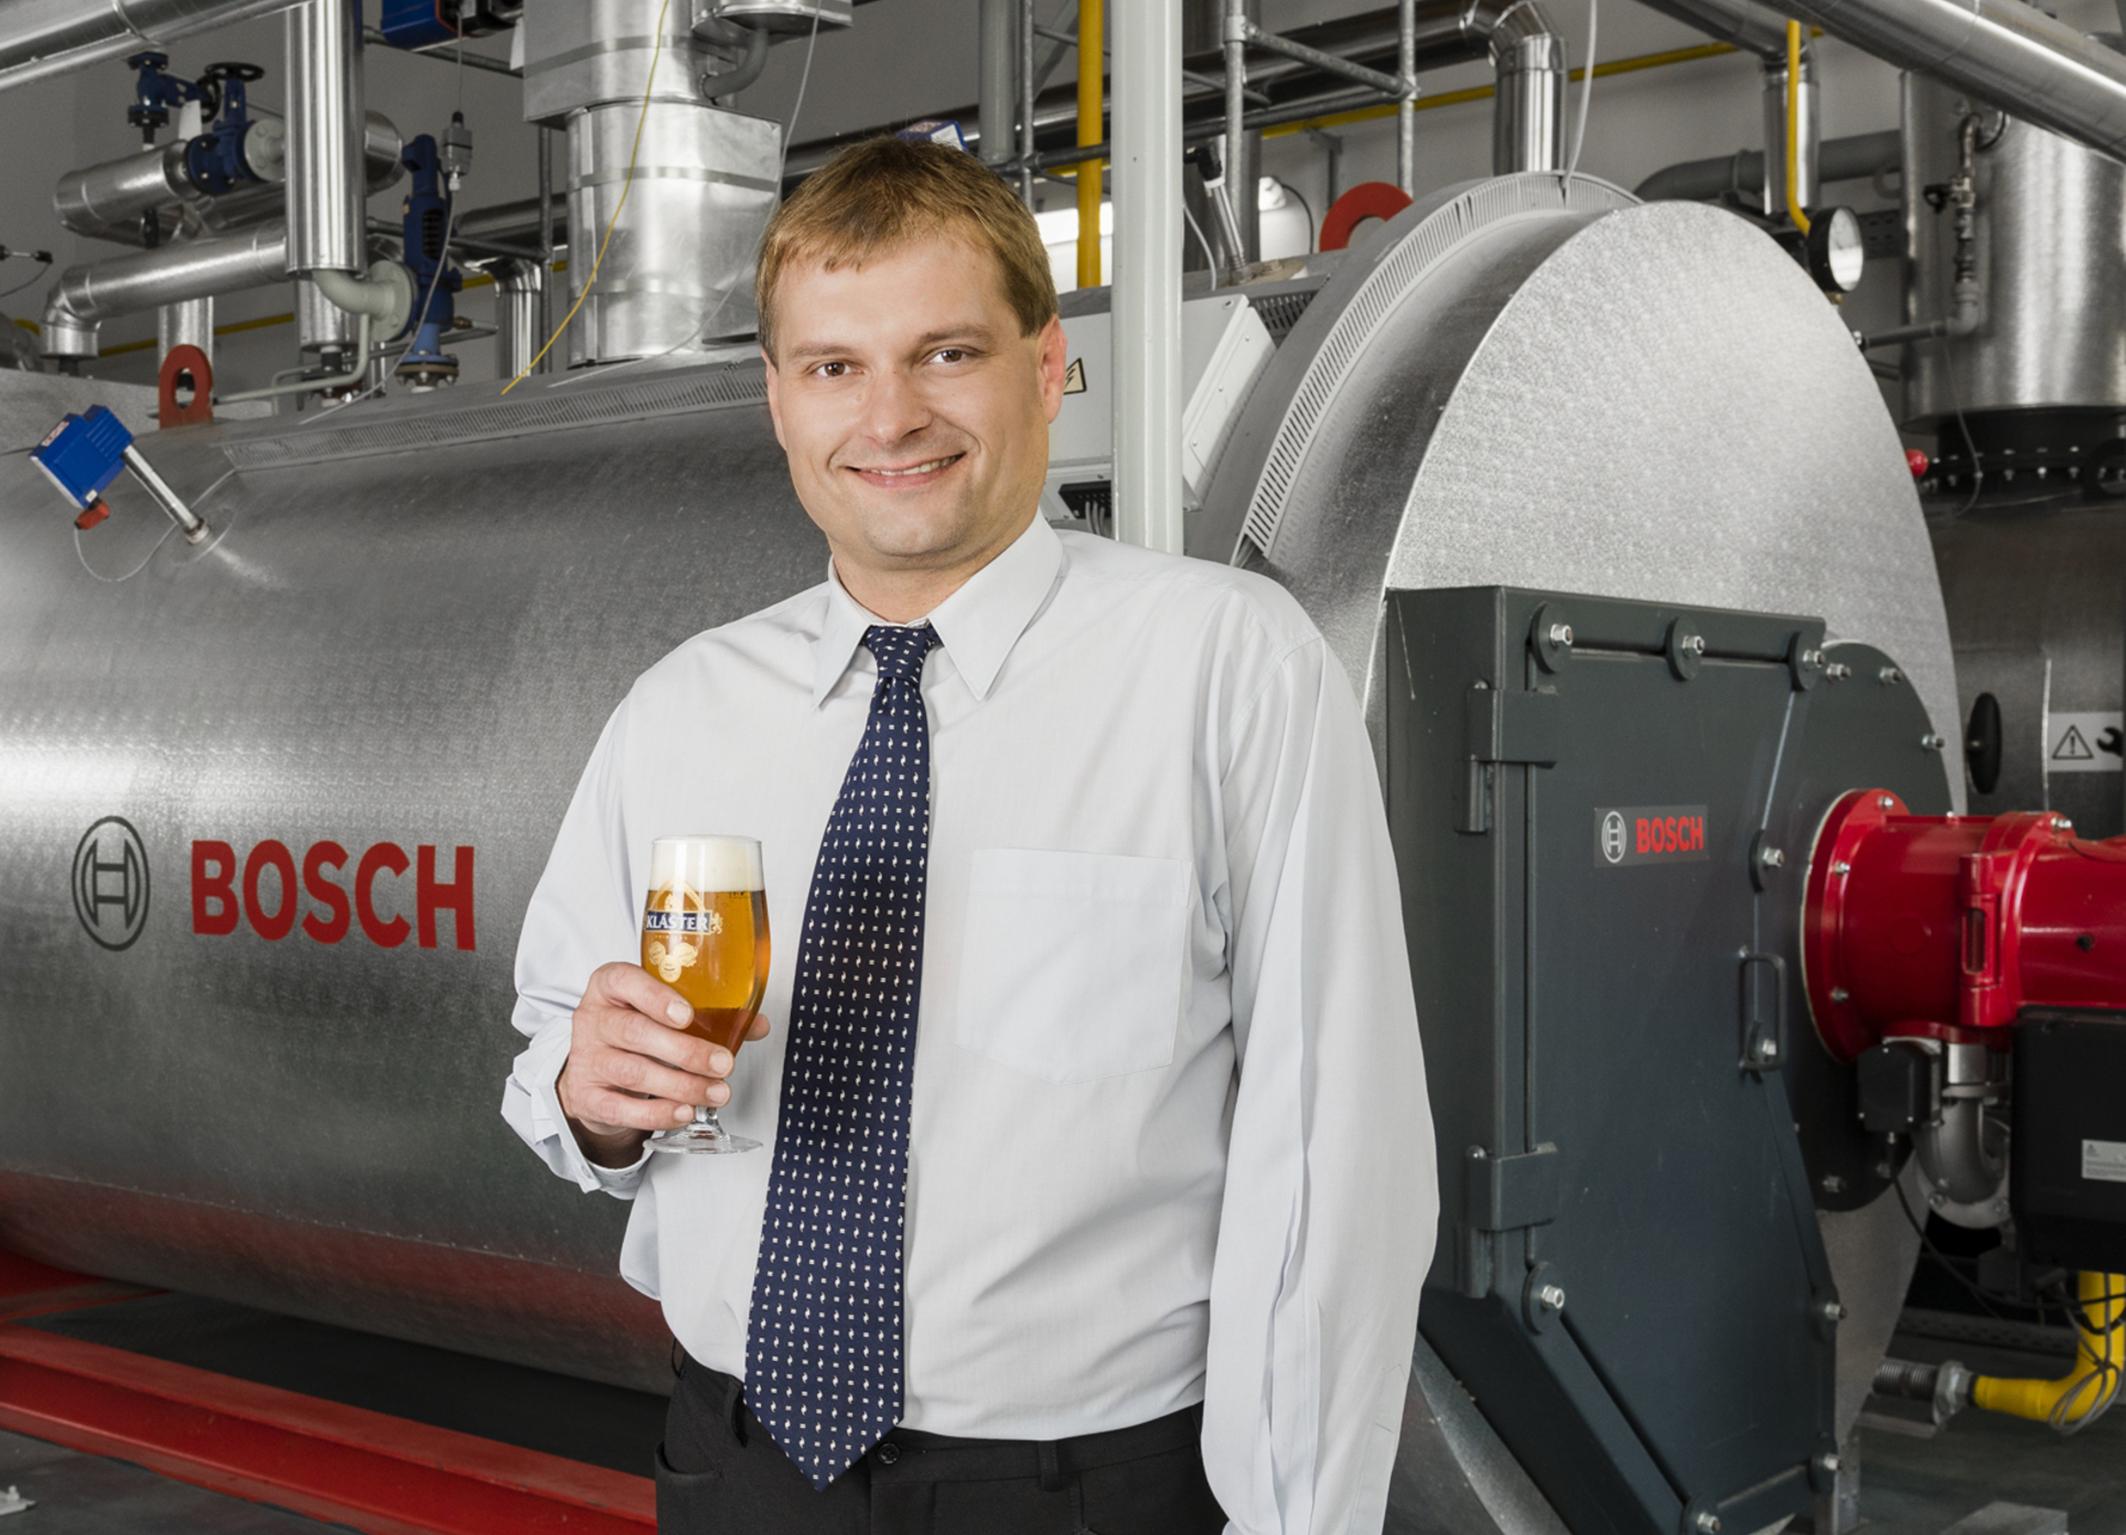 Neuer Dampfkessel von Bosch spart bis zu 16 Prozent Energiekosten ...